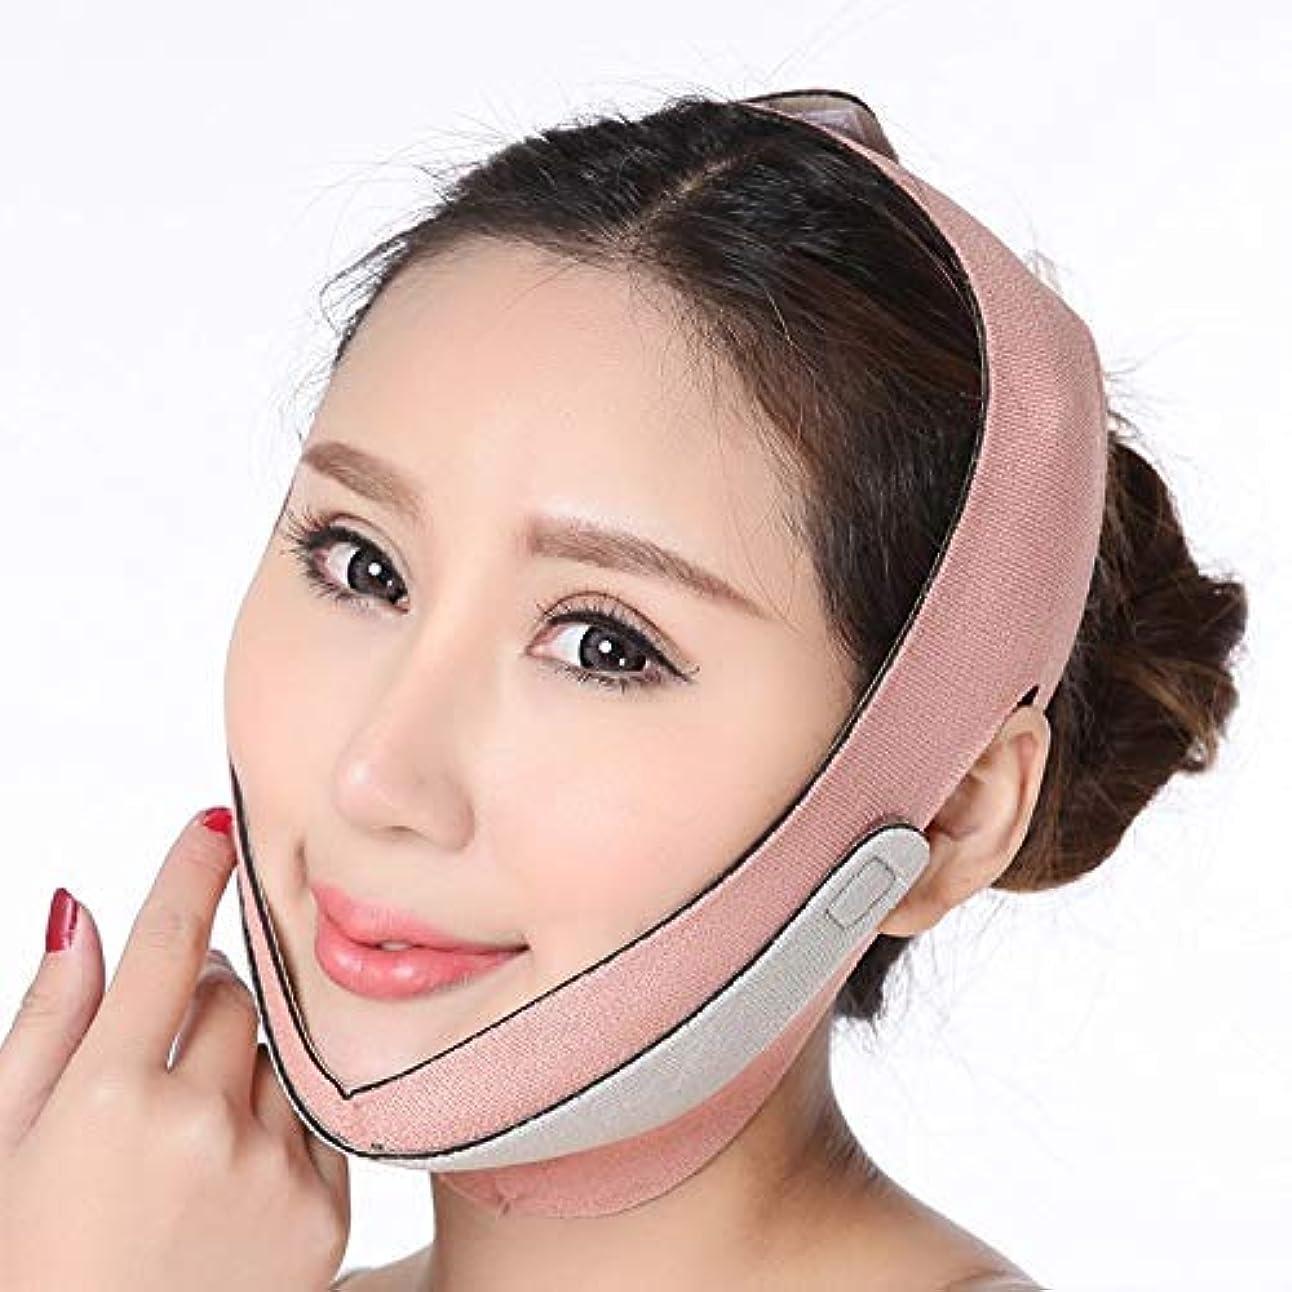 低下しっかり一回HUYYA フェイスリフティング包帯 フェイスマスク、V字ベルト補正ベルトスキンケアチンは、リフティングファーミングストラップダブルチンヘルスケア,Pink_Large